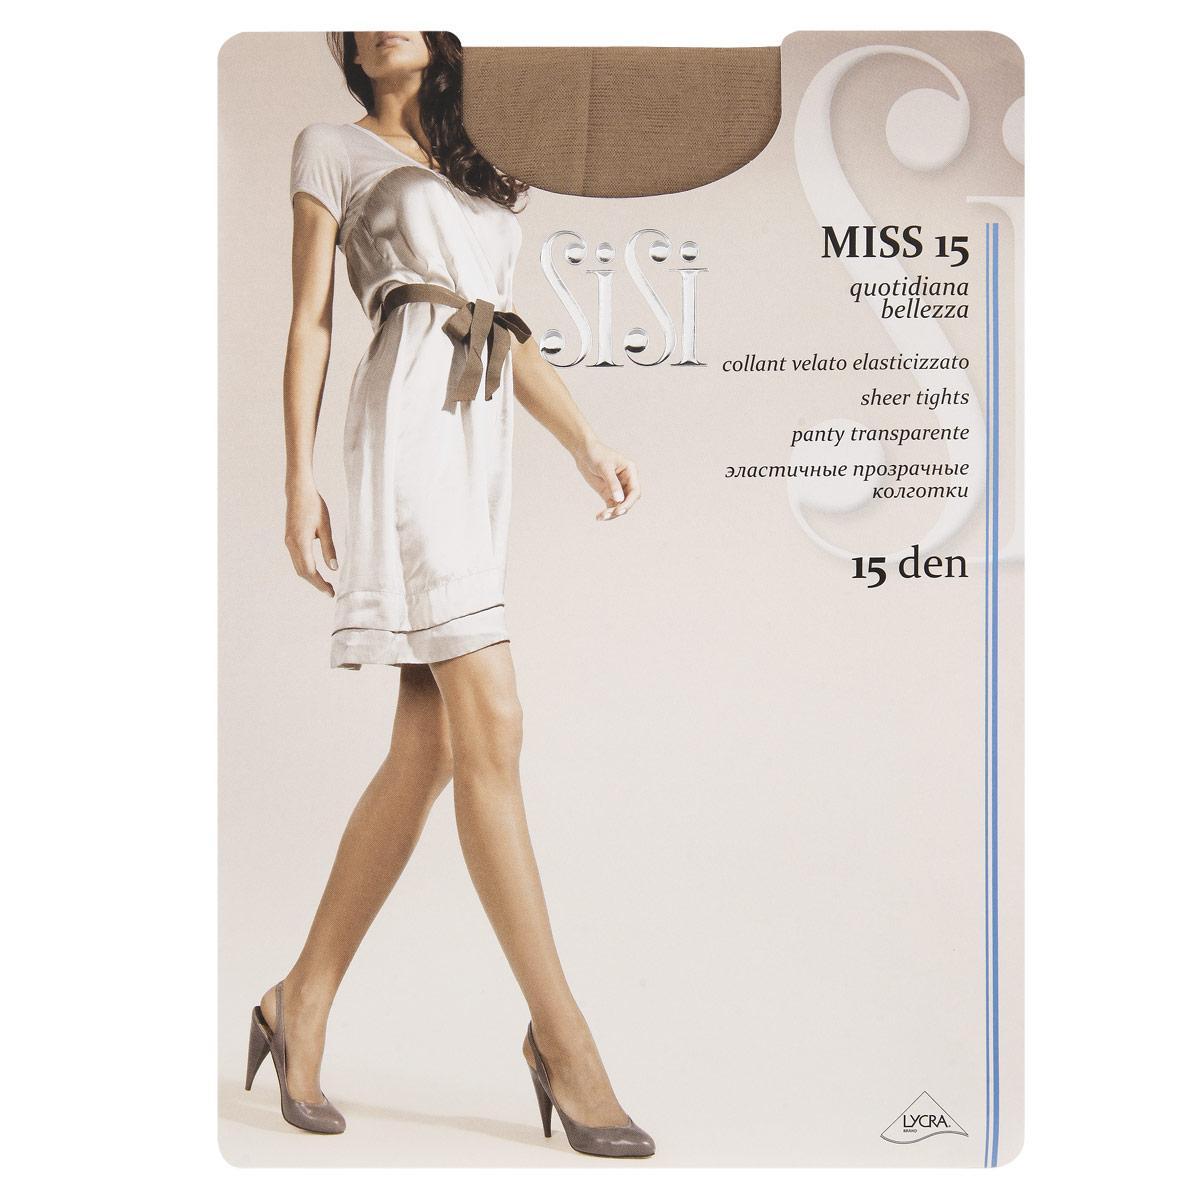 Колготки Sisi Miss 15. Miele (светло-телесный). Размер 5-XL колготки sisi style размер 2 плотность 15 den nero